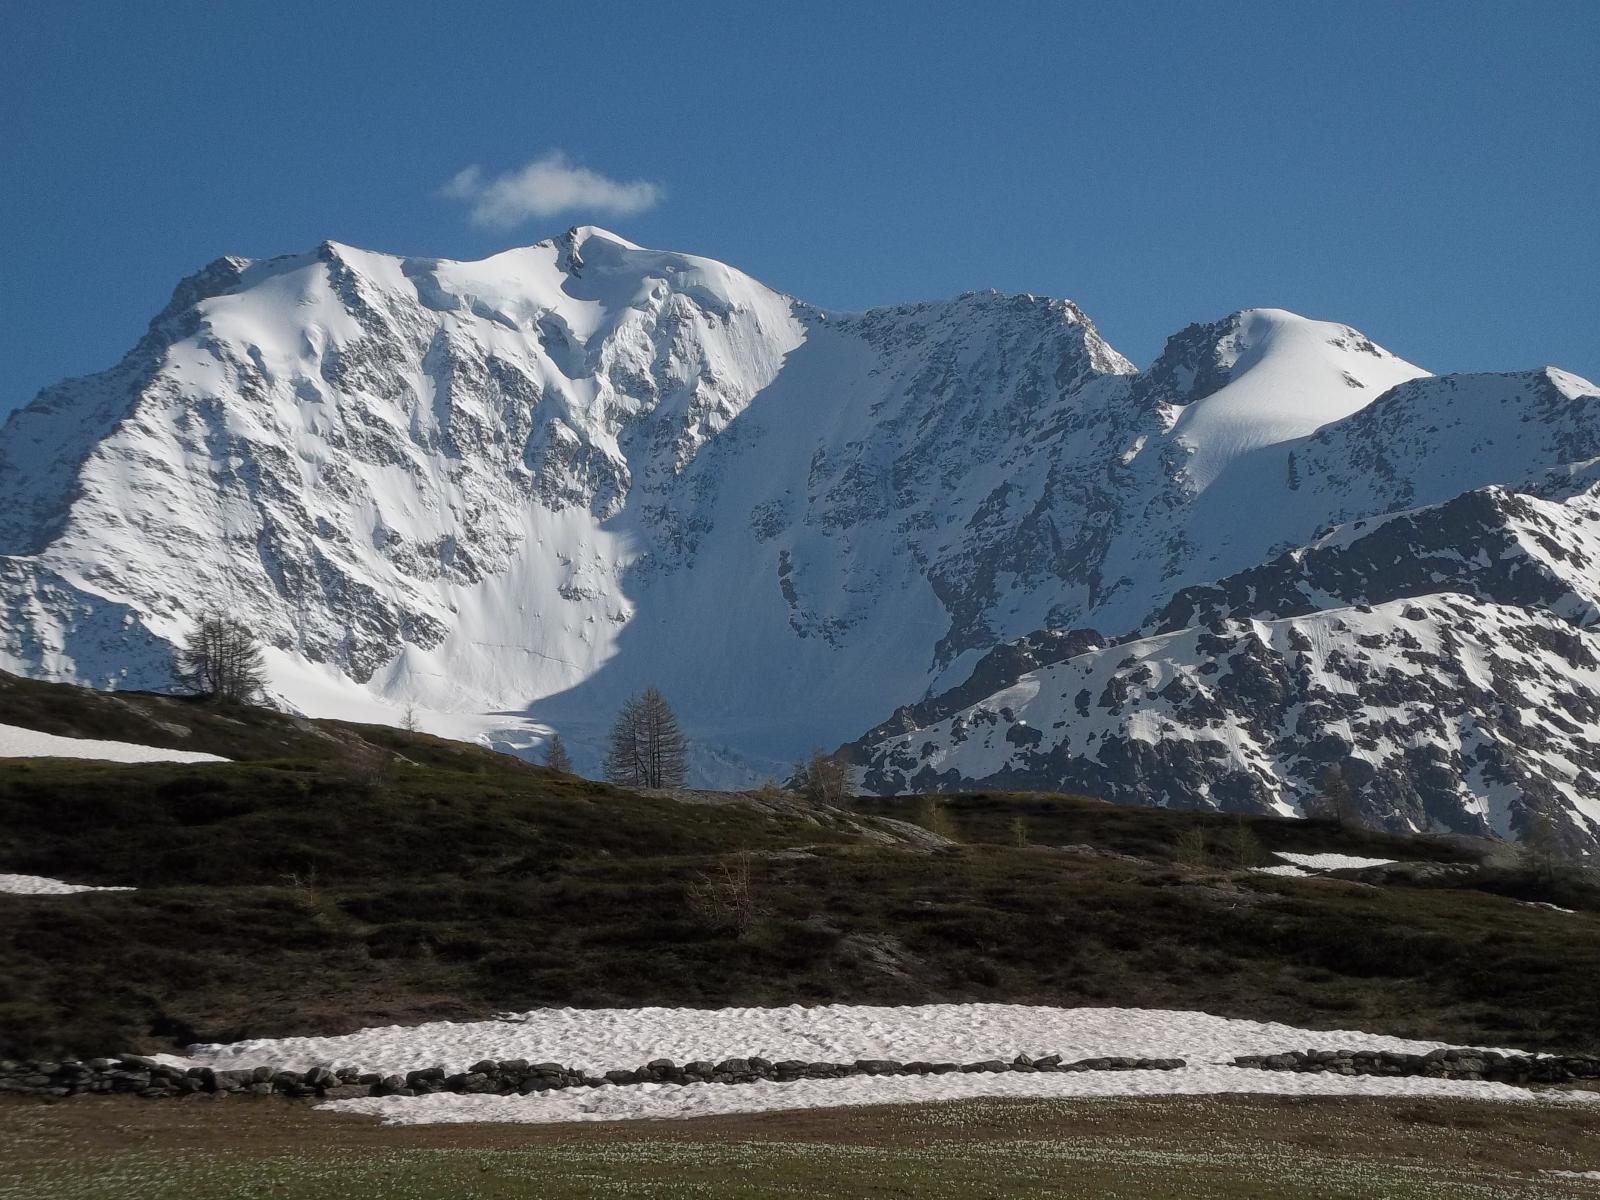 Parete nord del Fletschhorn a sinistra e Senggchuppa a destra